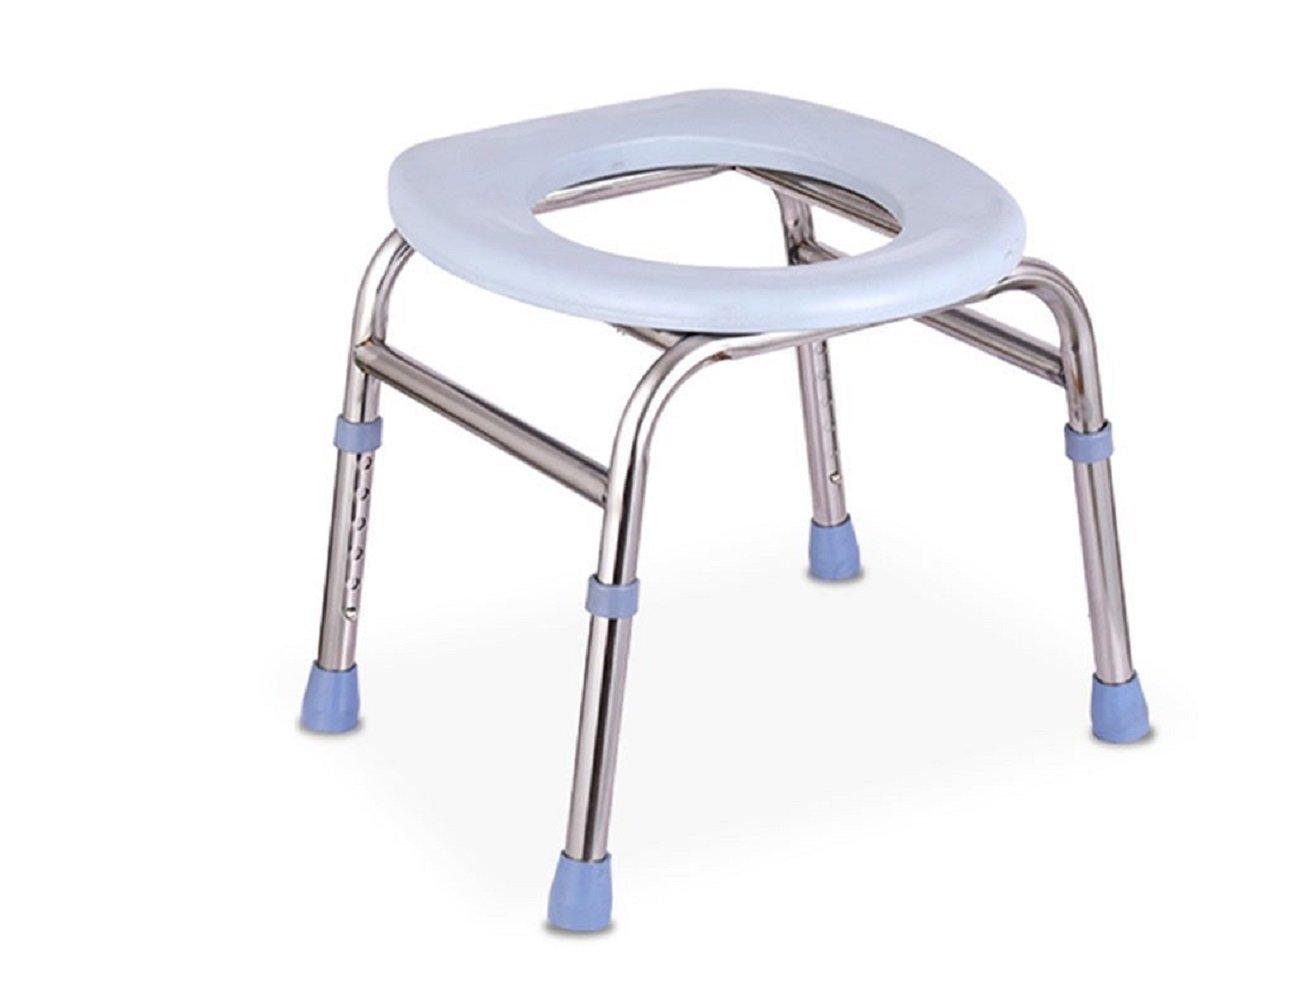 老人の椅子厚い鋼管それは移動することができます妊婦Commode便利で快適で安定した高さ調節可能 B07CNKY8N4